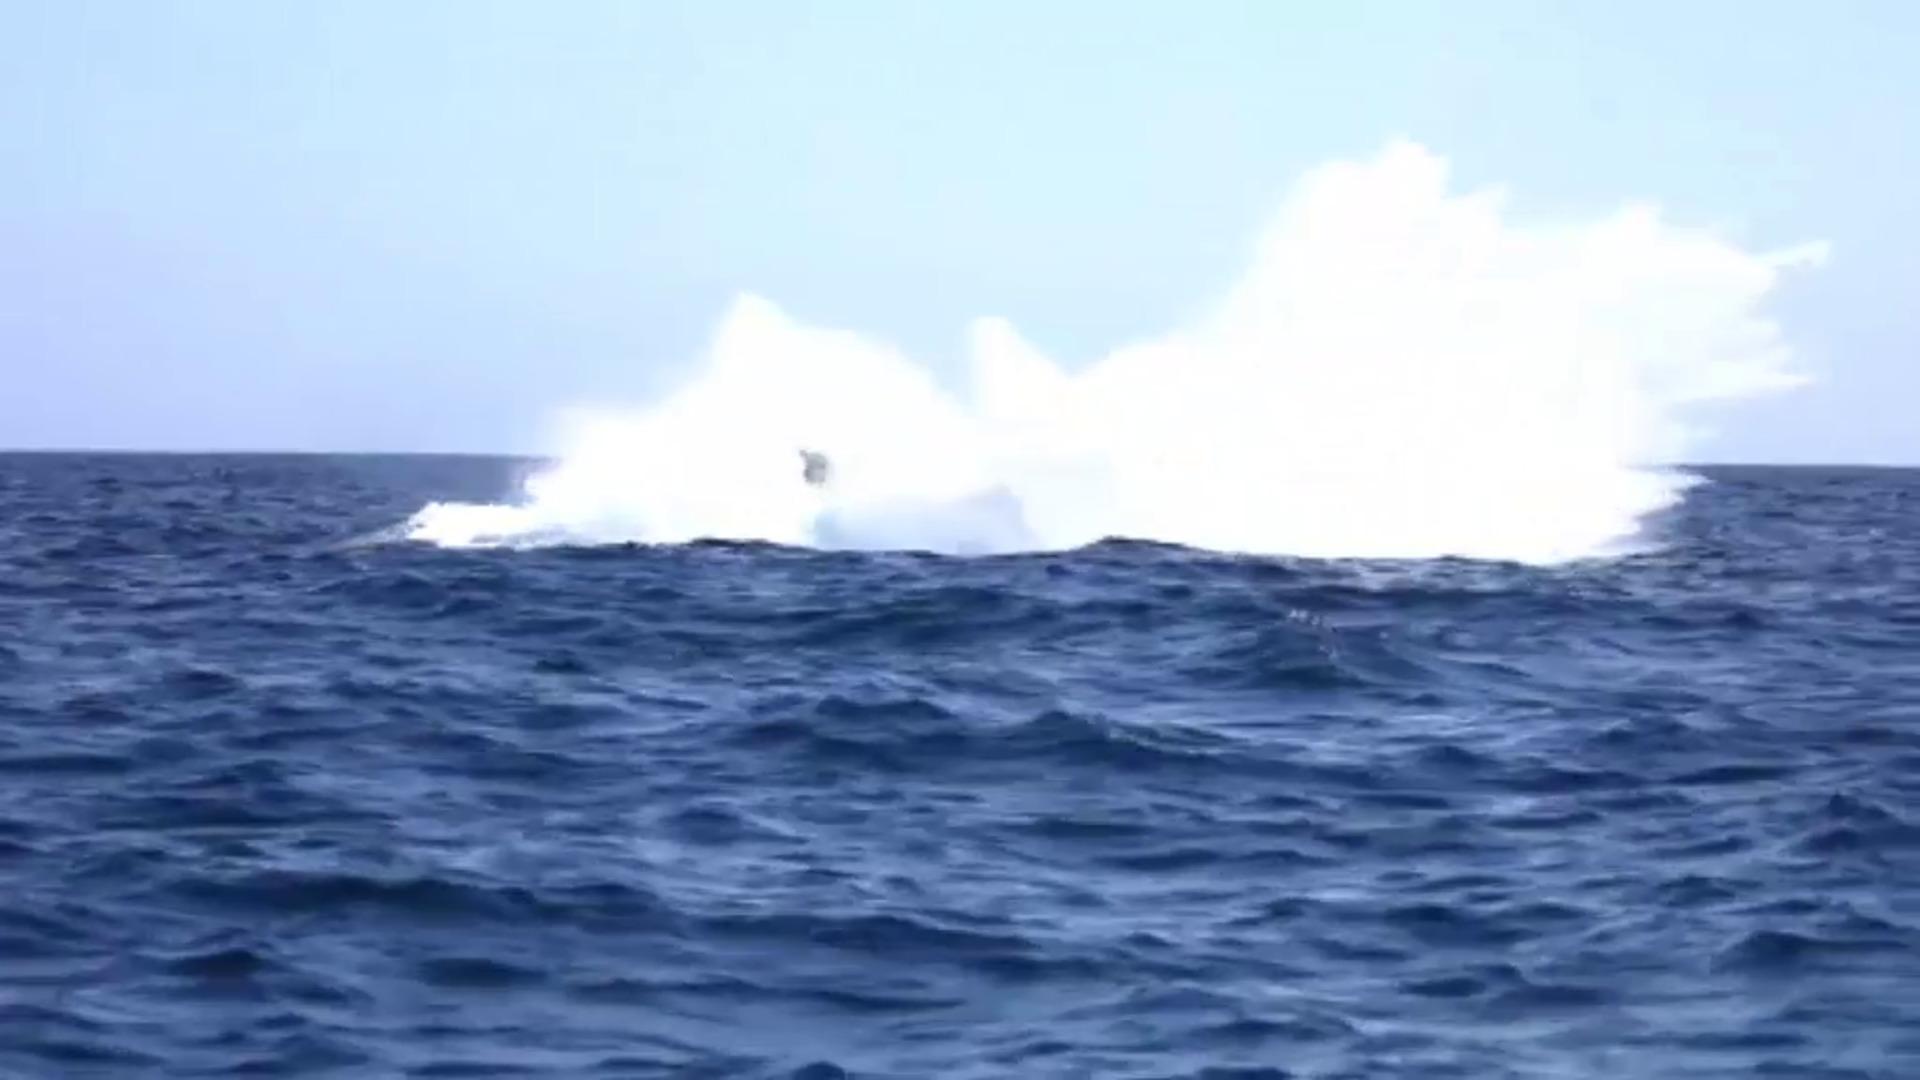 Espectaculares imágenes de un grupo de ballenas en plena migración